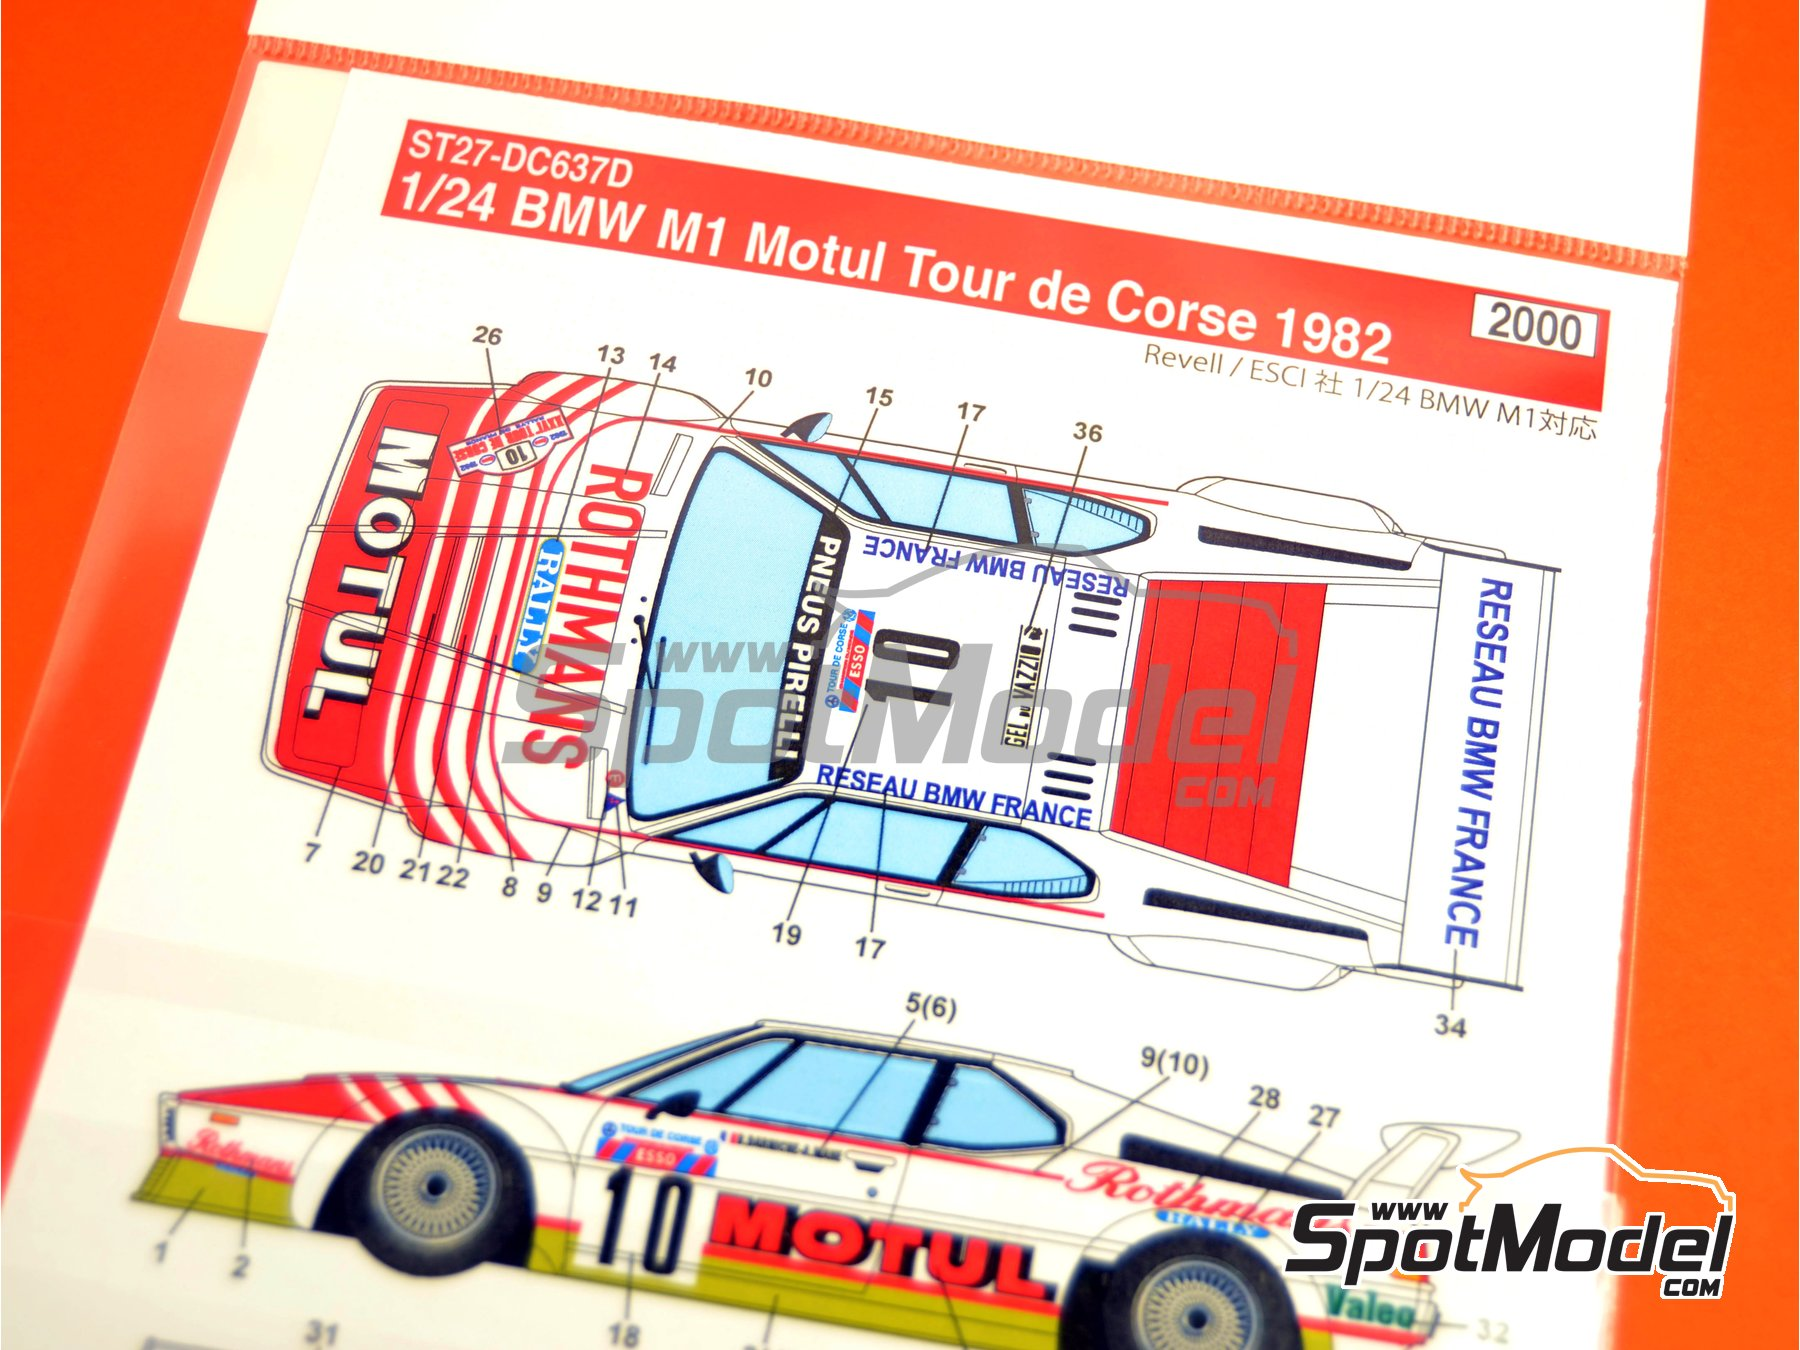 Image 1: BMW M1 Grupo 4 Rothmans Motul - Rally Tour de Corse 1982 | Decoración en escala1/24 fabricado por Studio27 (ref.ST27-DC637D)